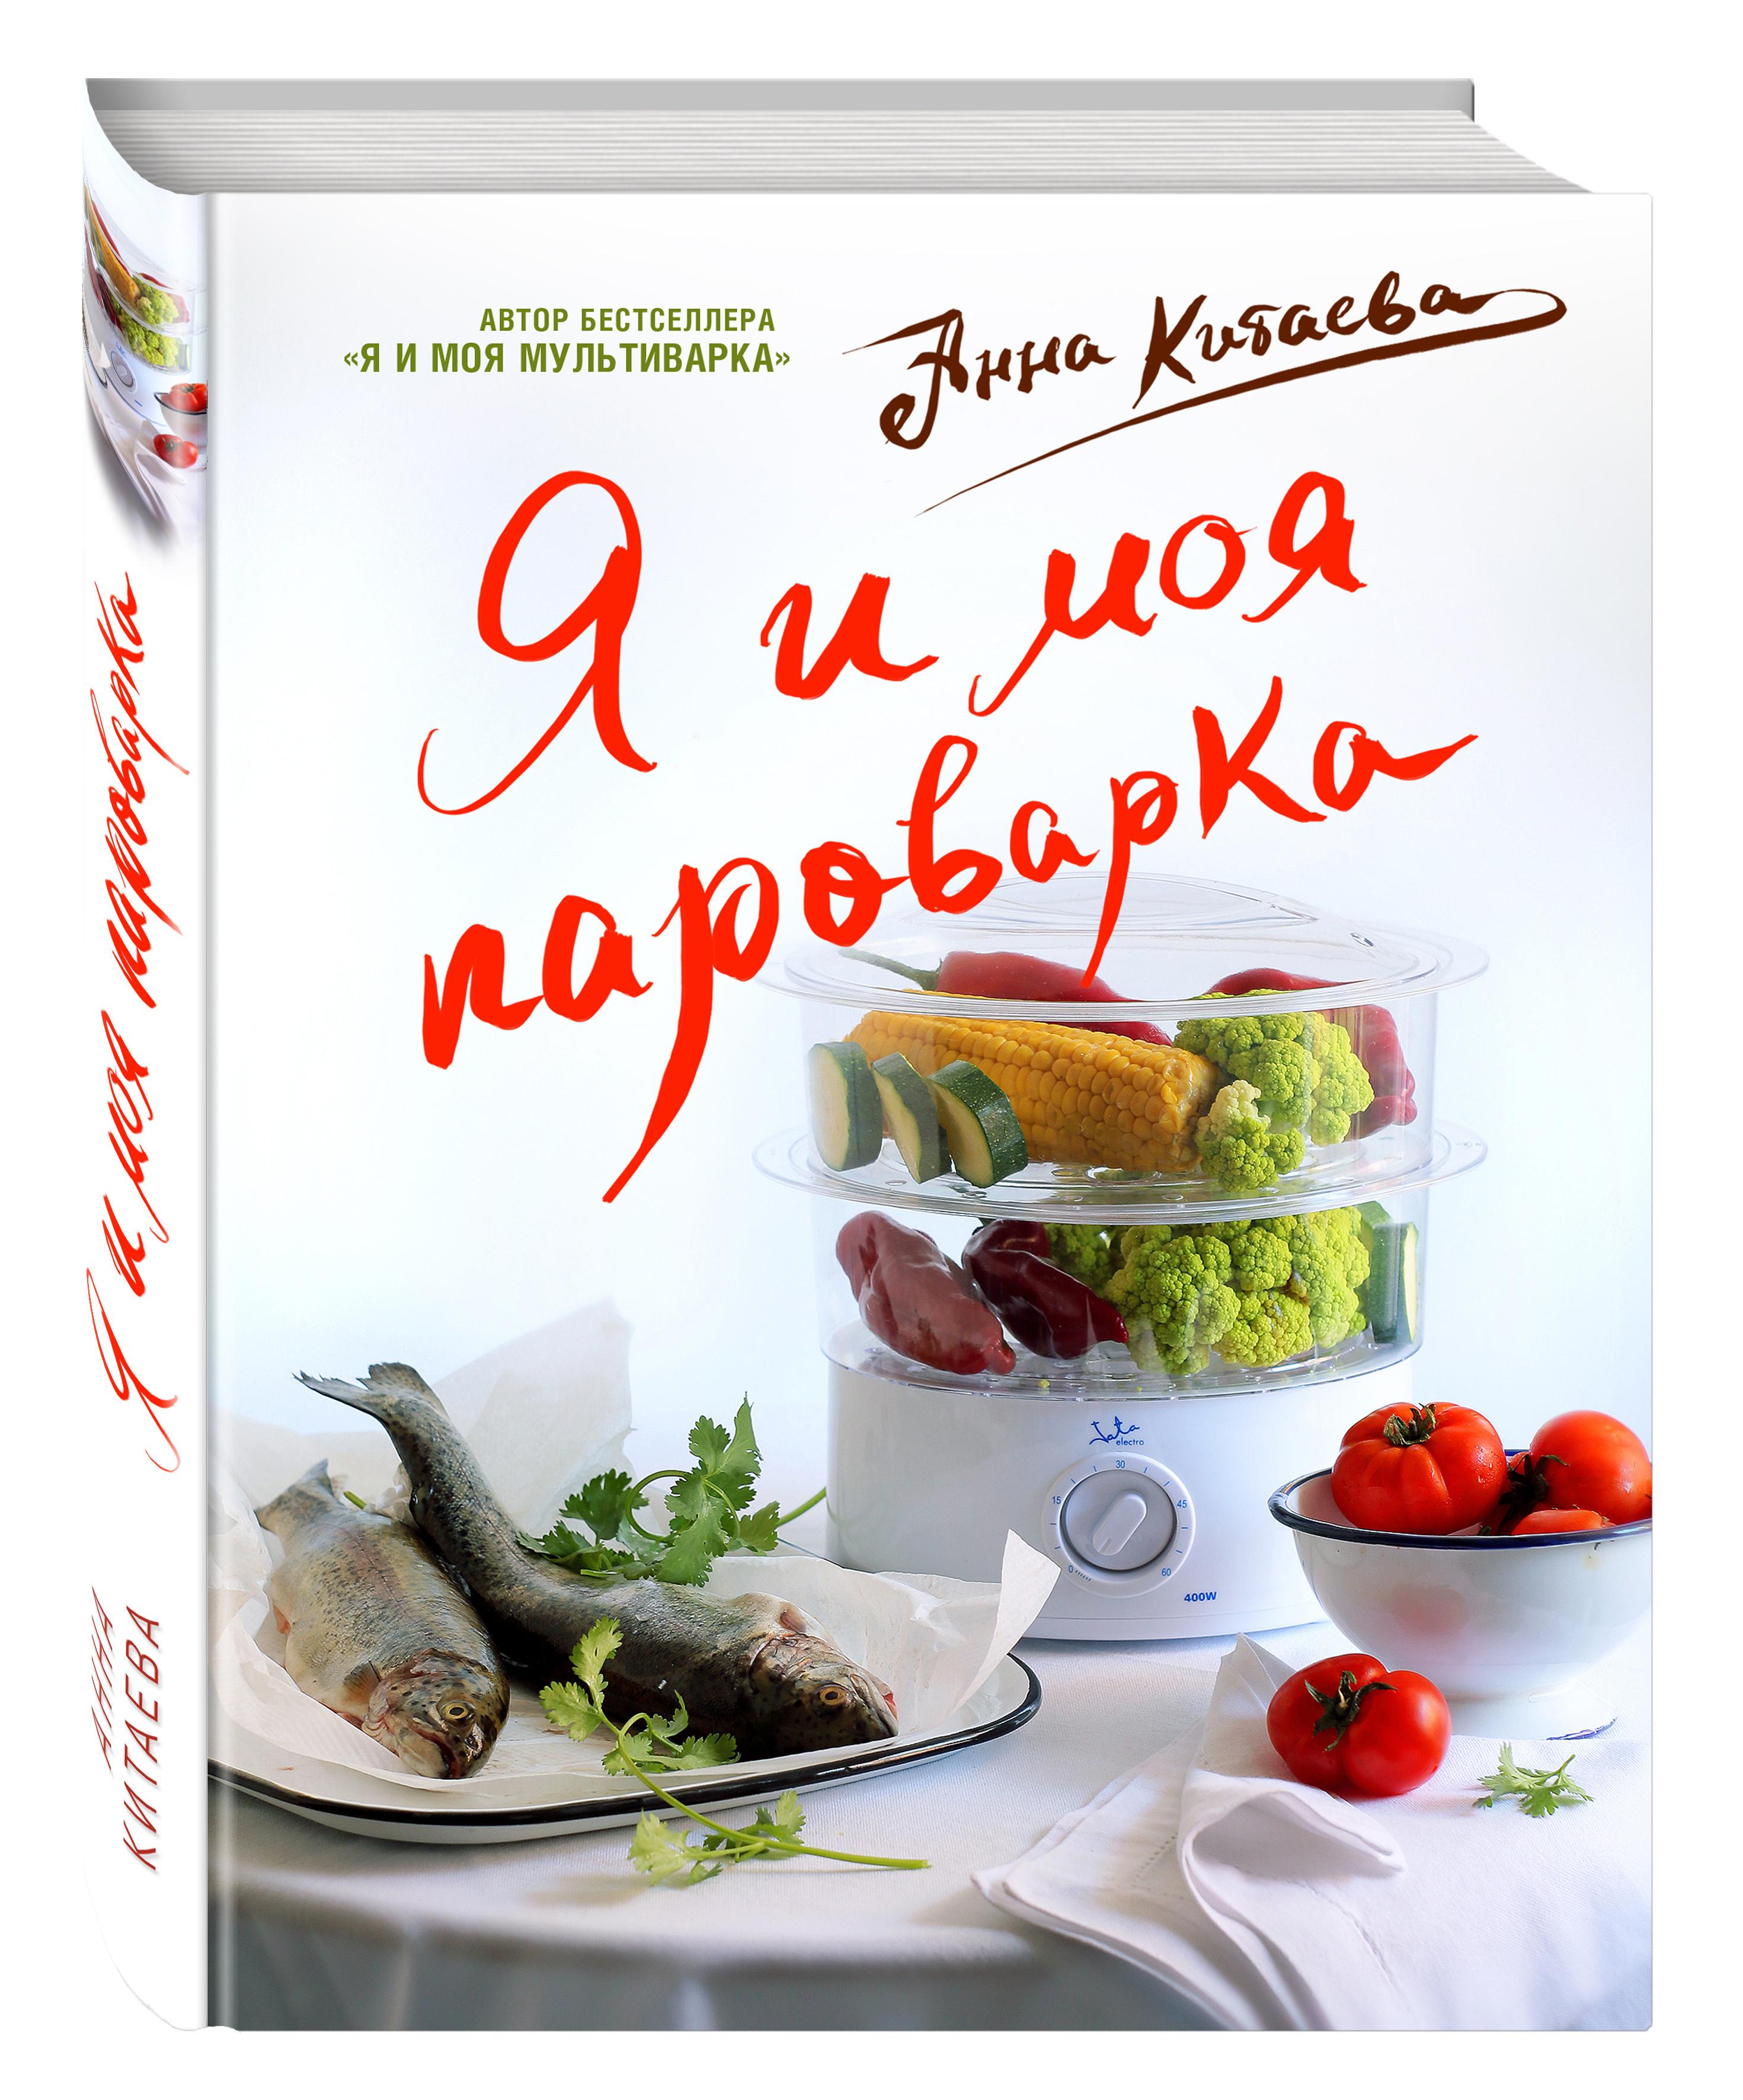 Анна Китаева Я и моя Пароварка(серия Кулинарные книги Анны Китаевой) анна китаева я и моя пароварка